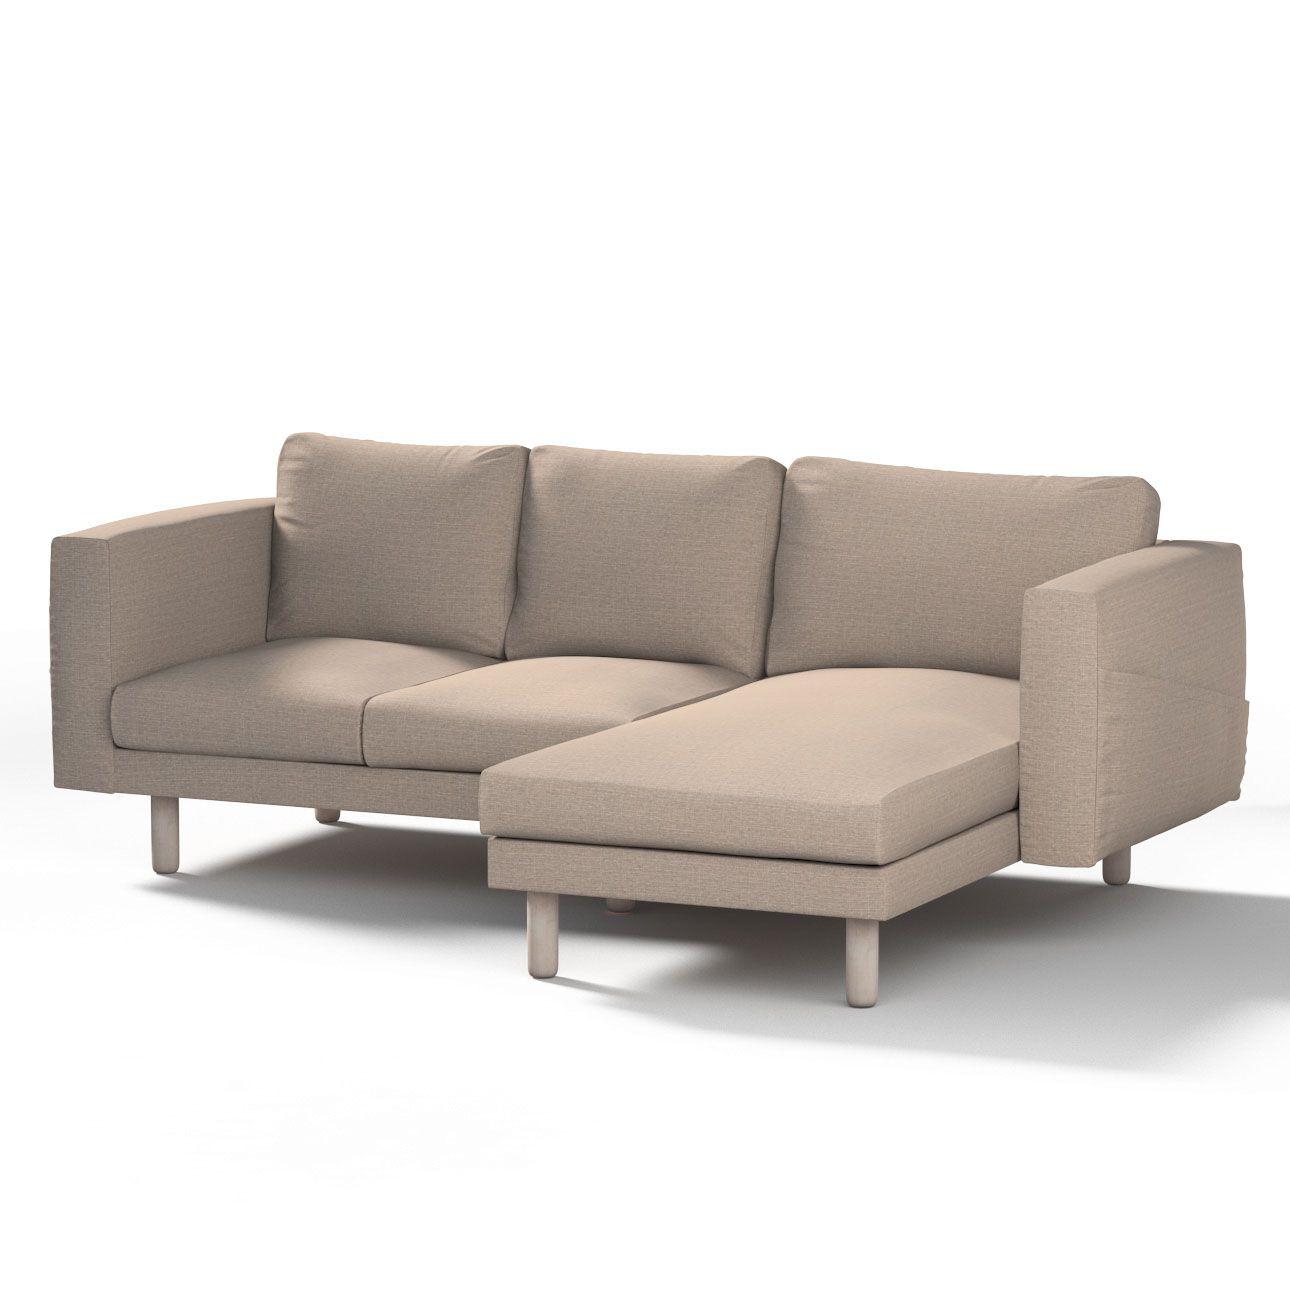 Full Size of Sofa Kaufen Ikea 2 3 Sitzer Sofas Online Mbel Suchmaschine Stoff Grau Baxter Angebote Rolf Benz Schlafsofa Liegefläche 160x200 Billig Alte Fenster Schlaf Big Wohnzimmer Sofa Kaufen Ikea